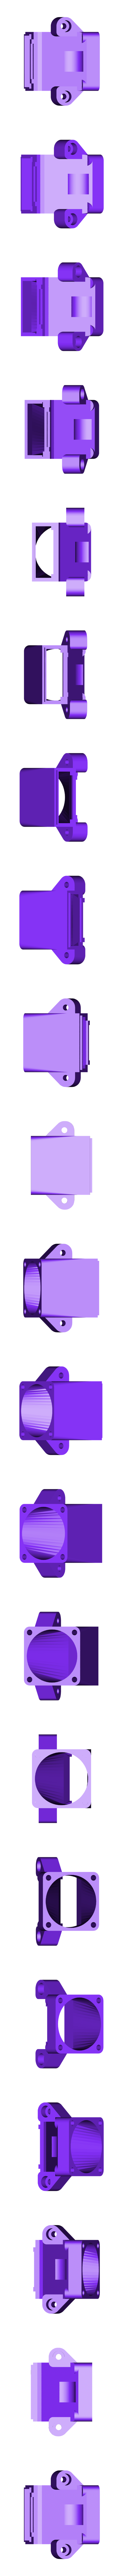 FanMount_A.stl Télécharger fichier STL gratuit Zmorph 2.0 (S) Système de refroidissement • Modèle pour impression 3D, kpawel